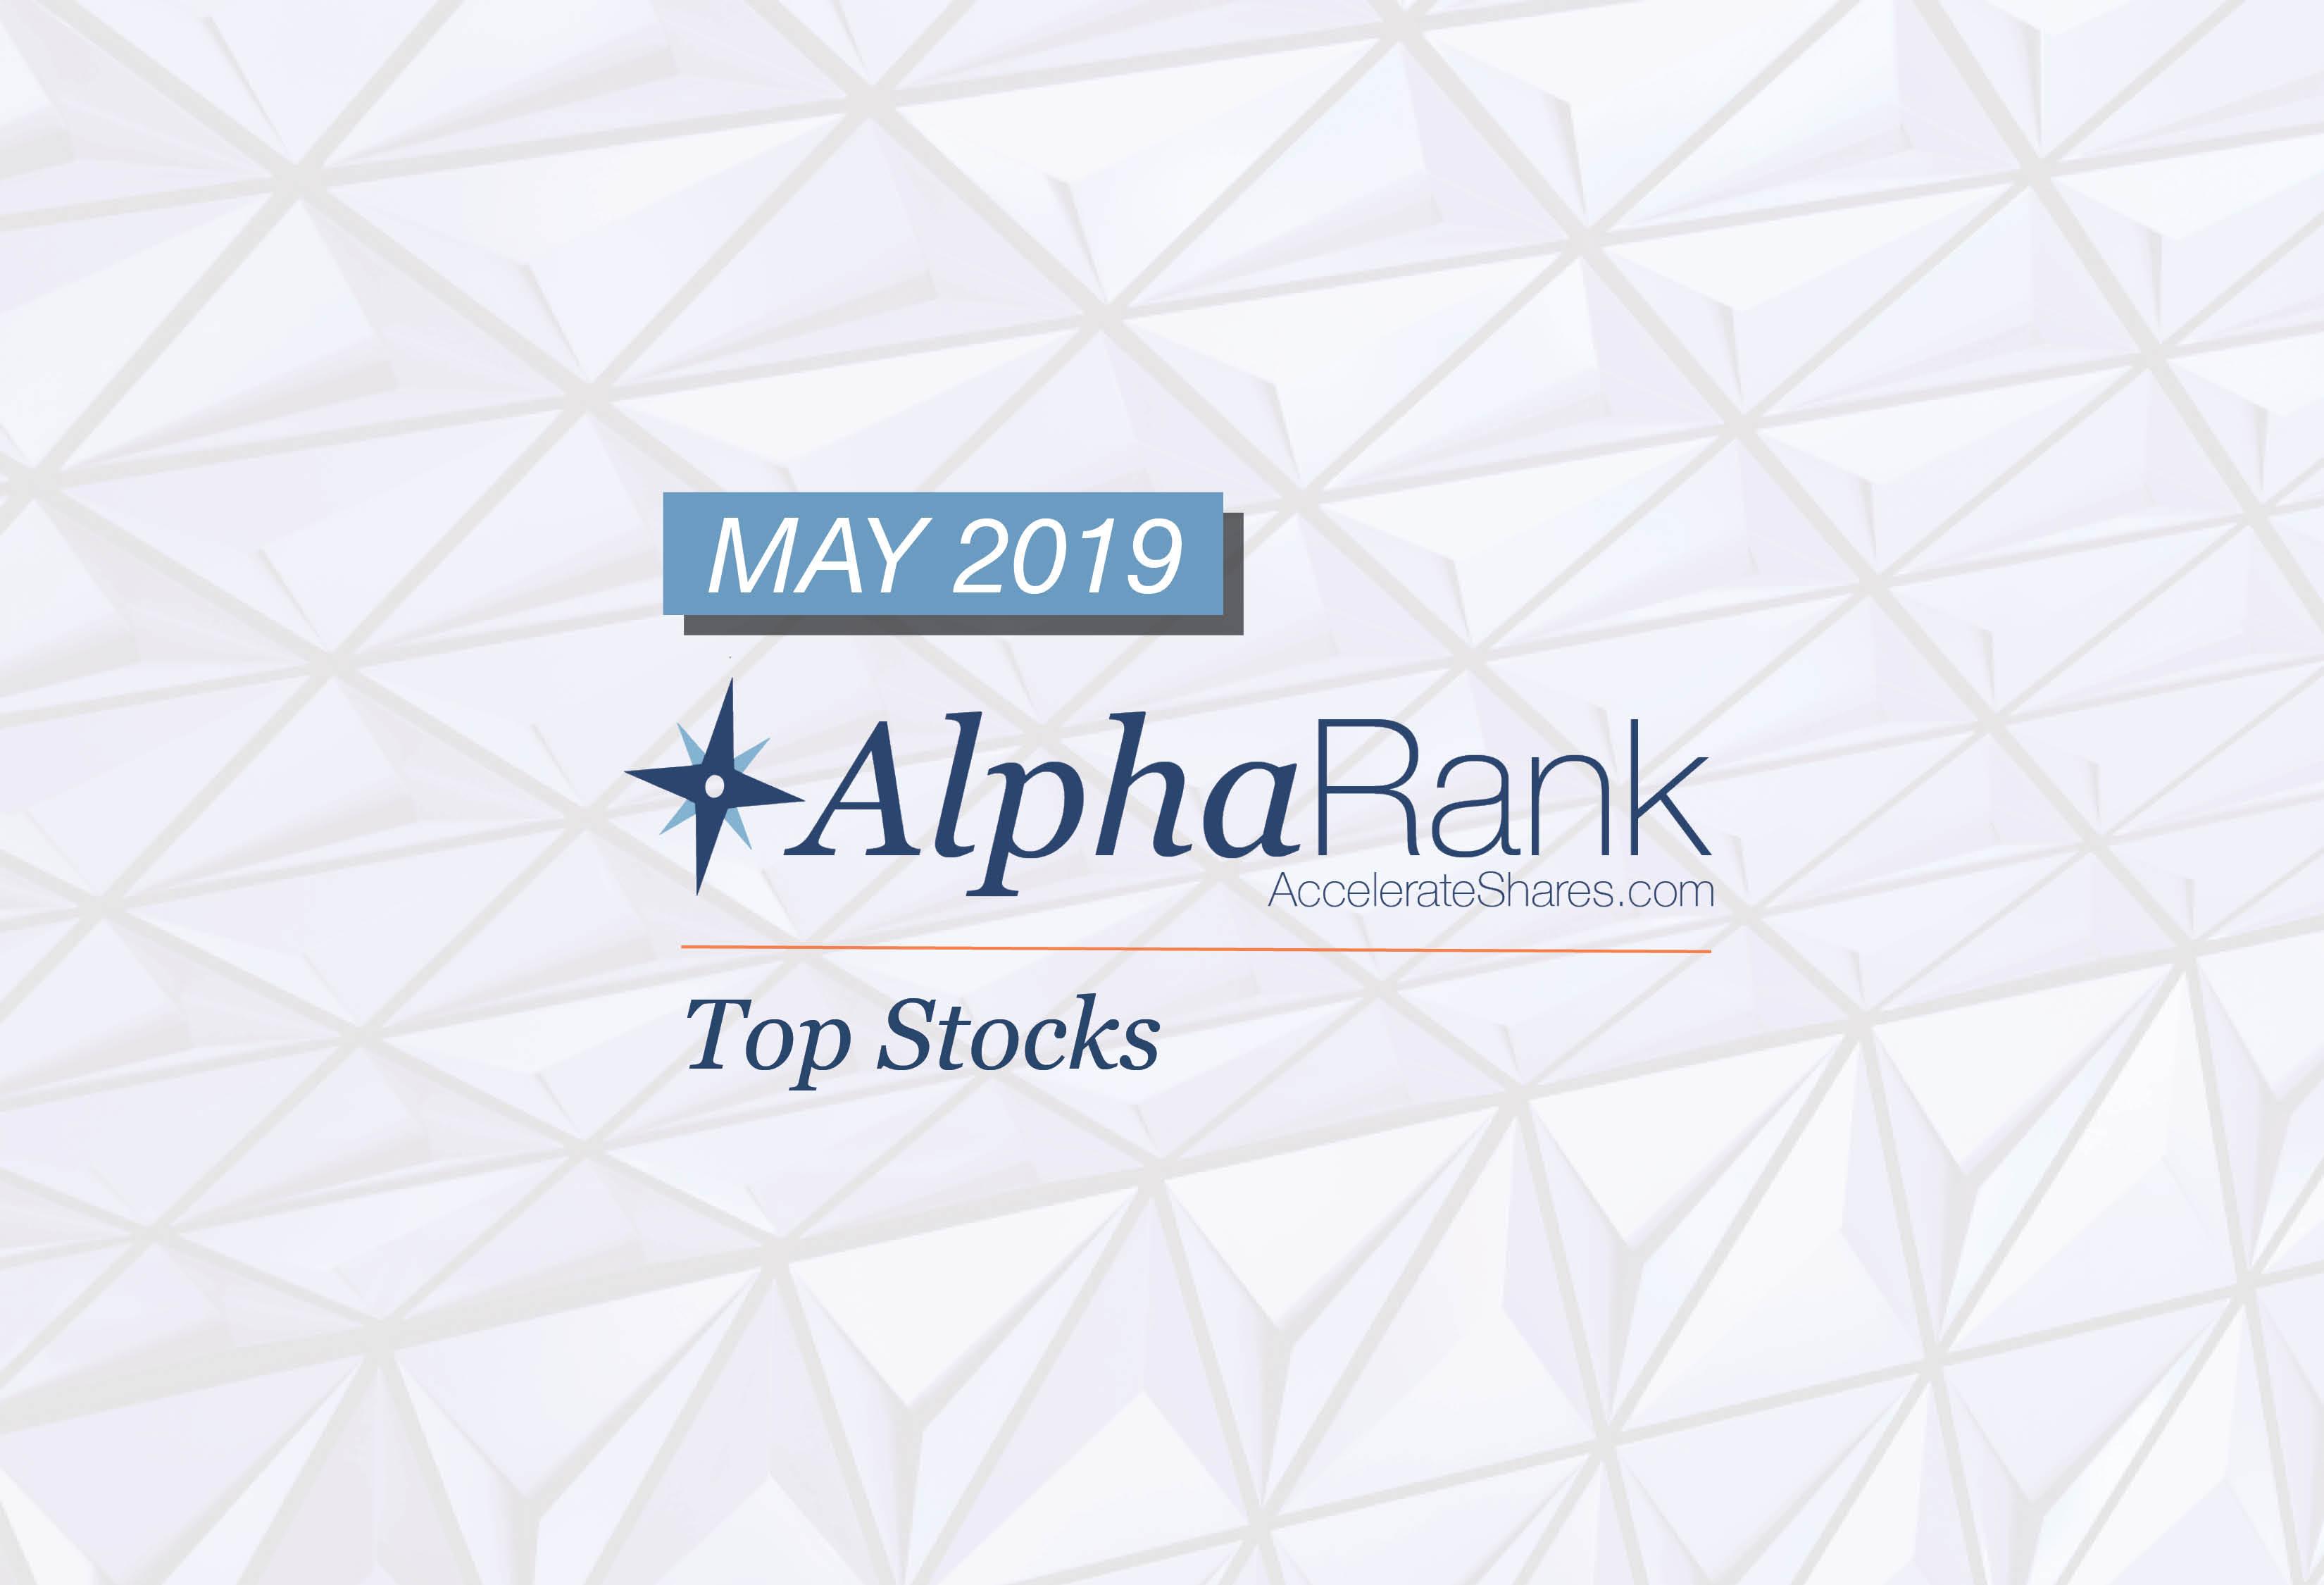 AlphaRank Top Stocks– May 2019